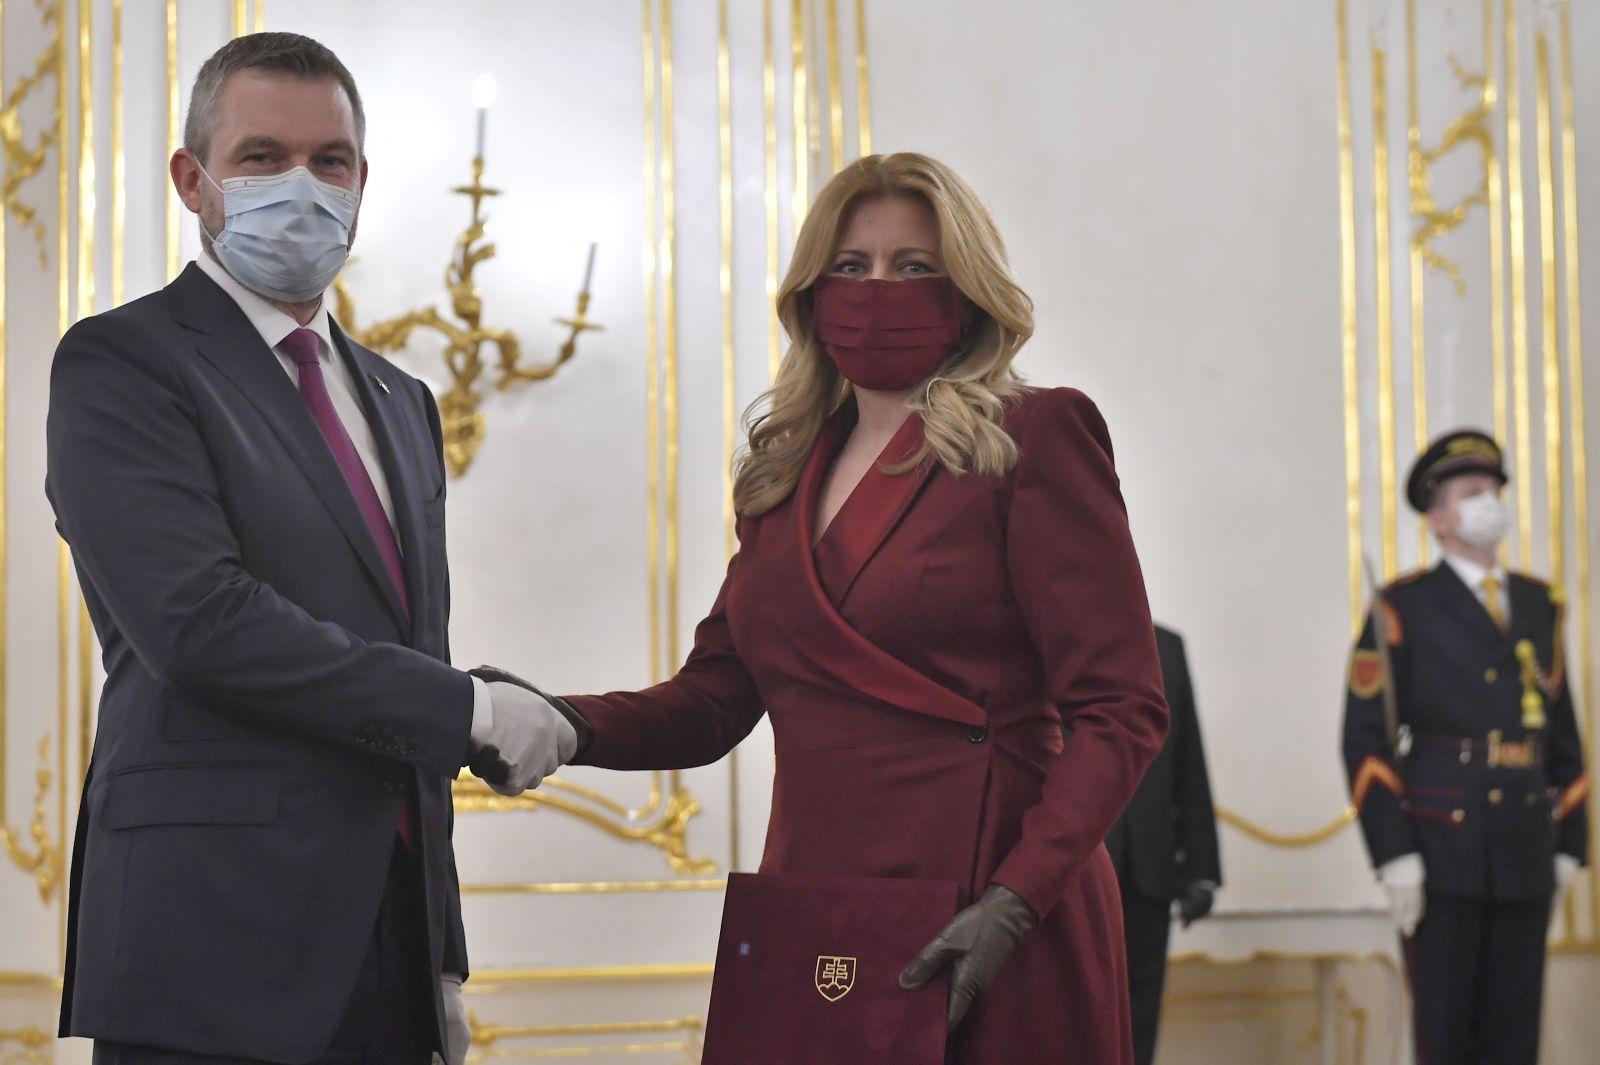 Na snímke vpravo prezidentka SR Zuzana Čaputová prijíma od odchadzajúceho predsedu vlády SR Petra Pellegriniho demisiu vlády SR